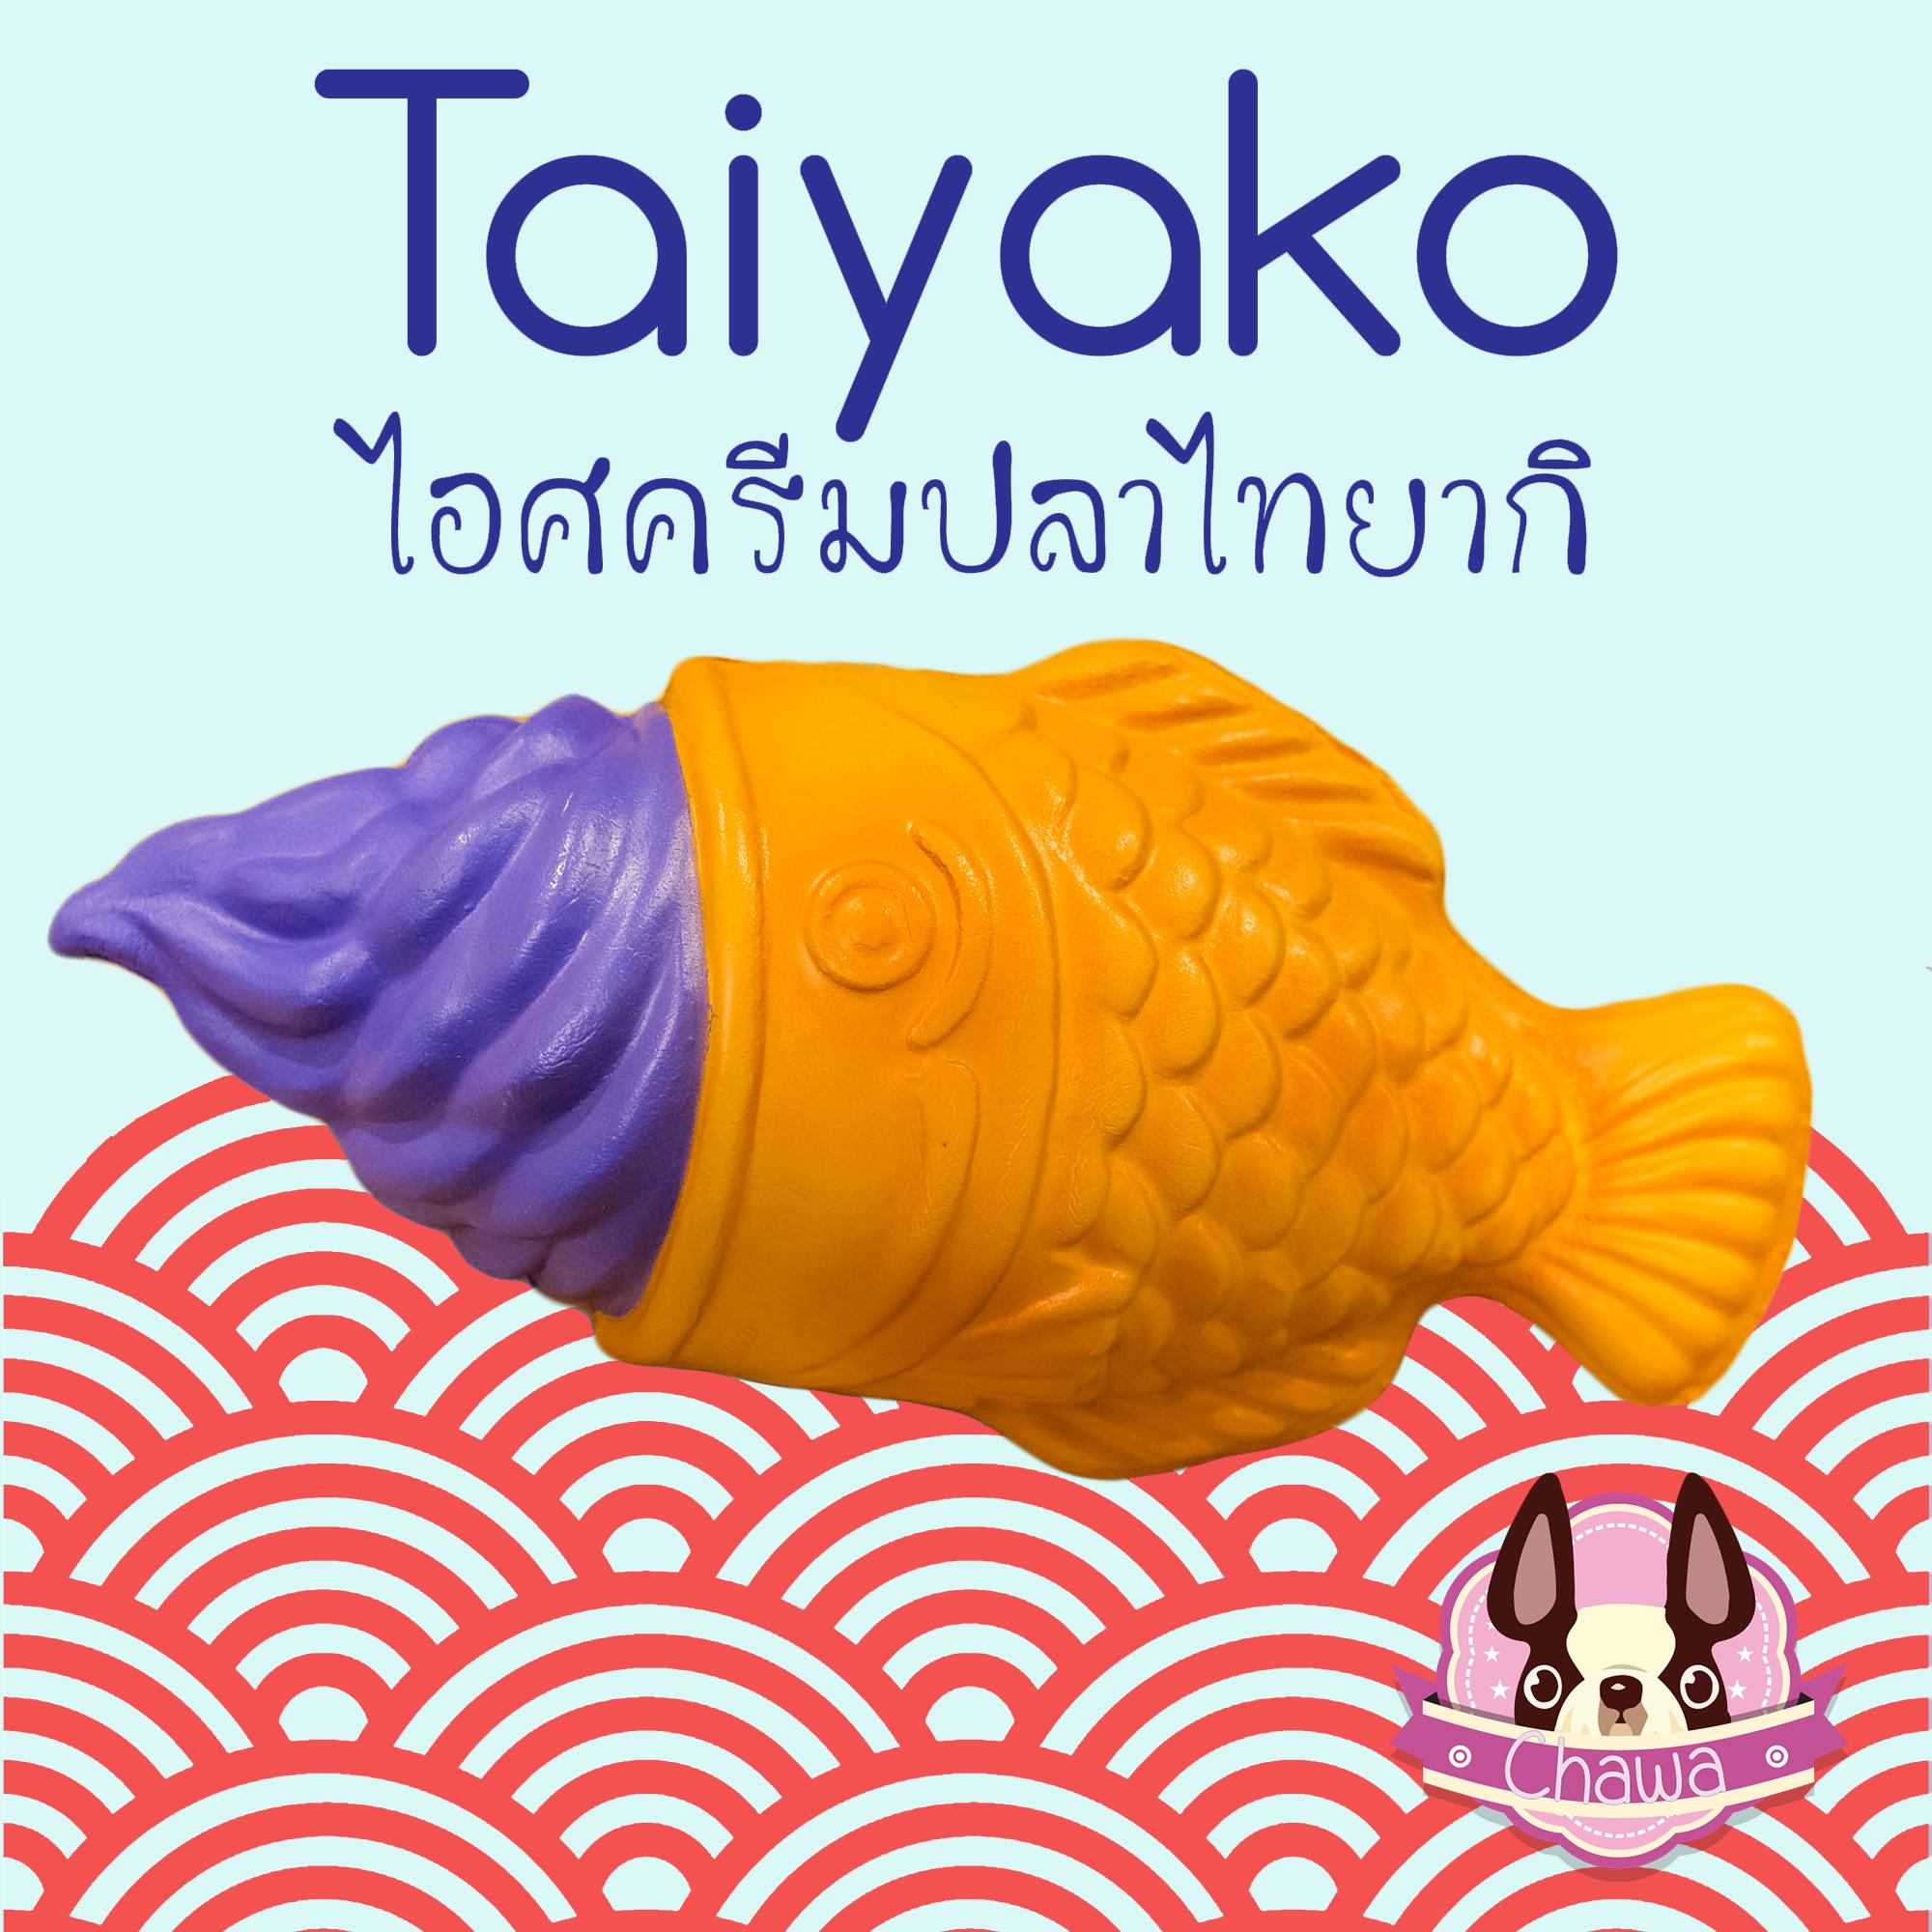 I156 สกุชชี่ purple_taiyaki by chawa ปลาไทยากิสีม่วง ขนาด 20cm(super soft)